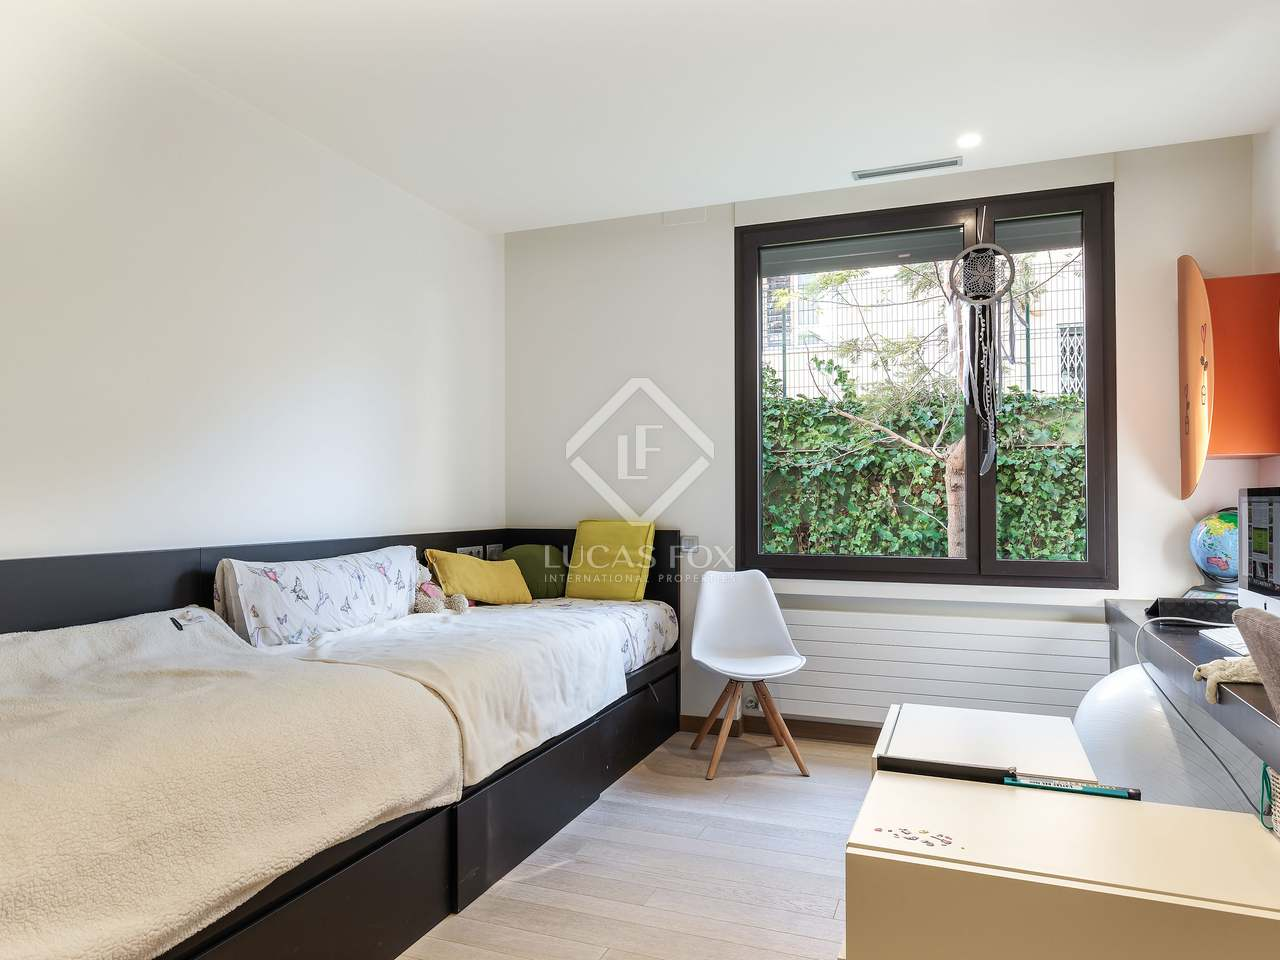 Piso de 240m con terraza de 24m en venta en pedralbes - Piso en pedralbes ...